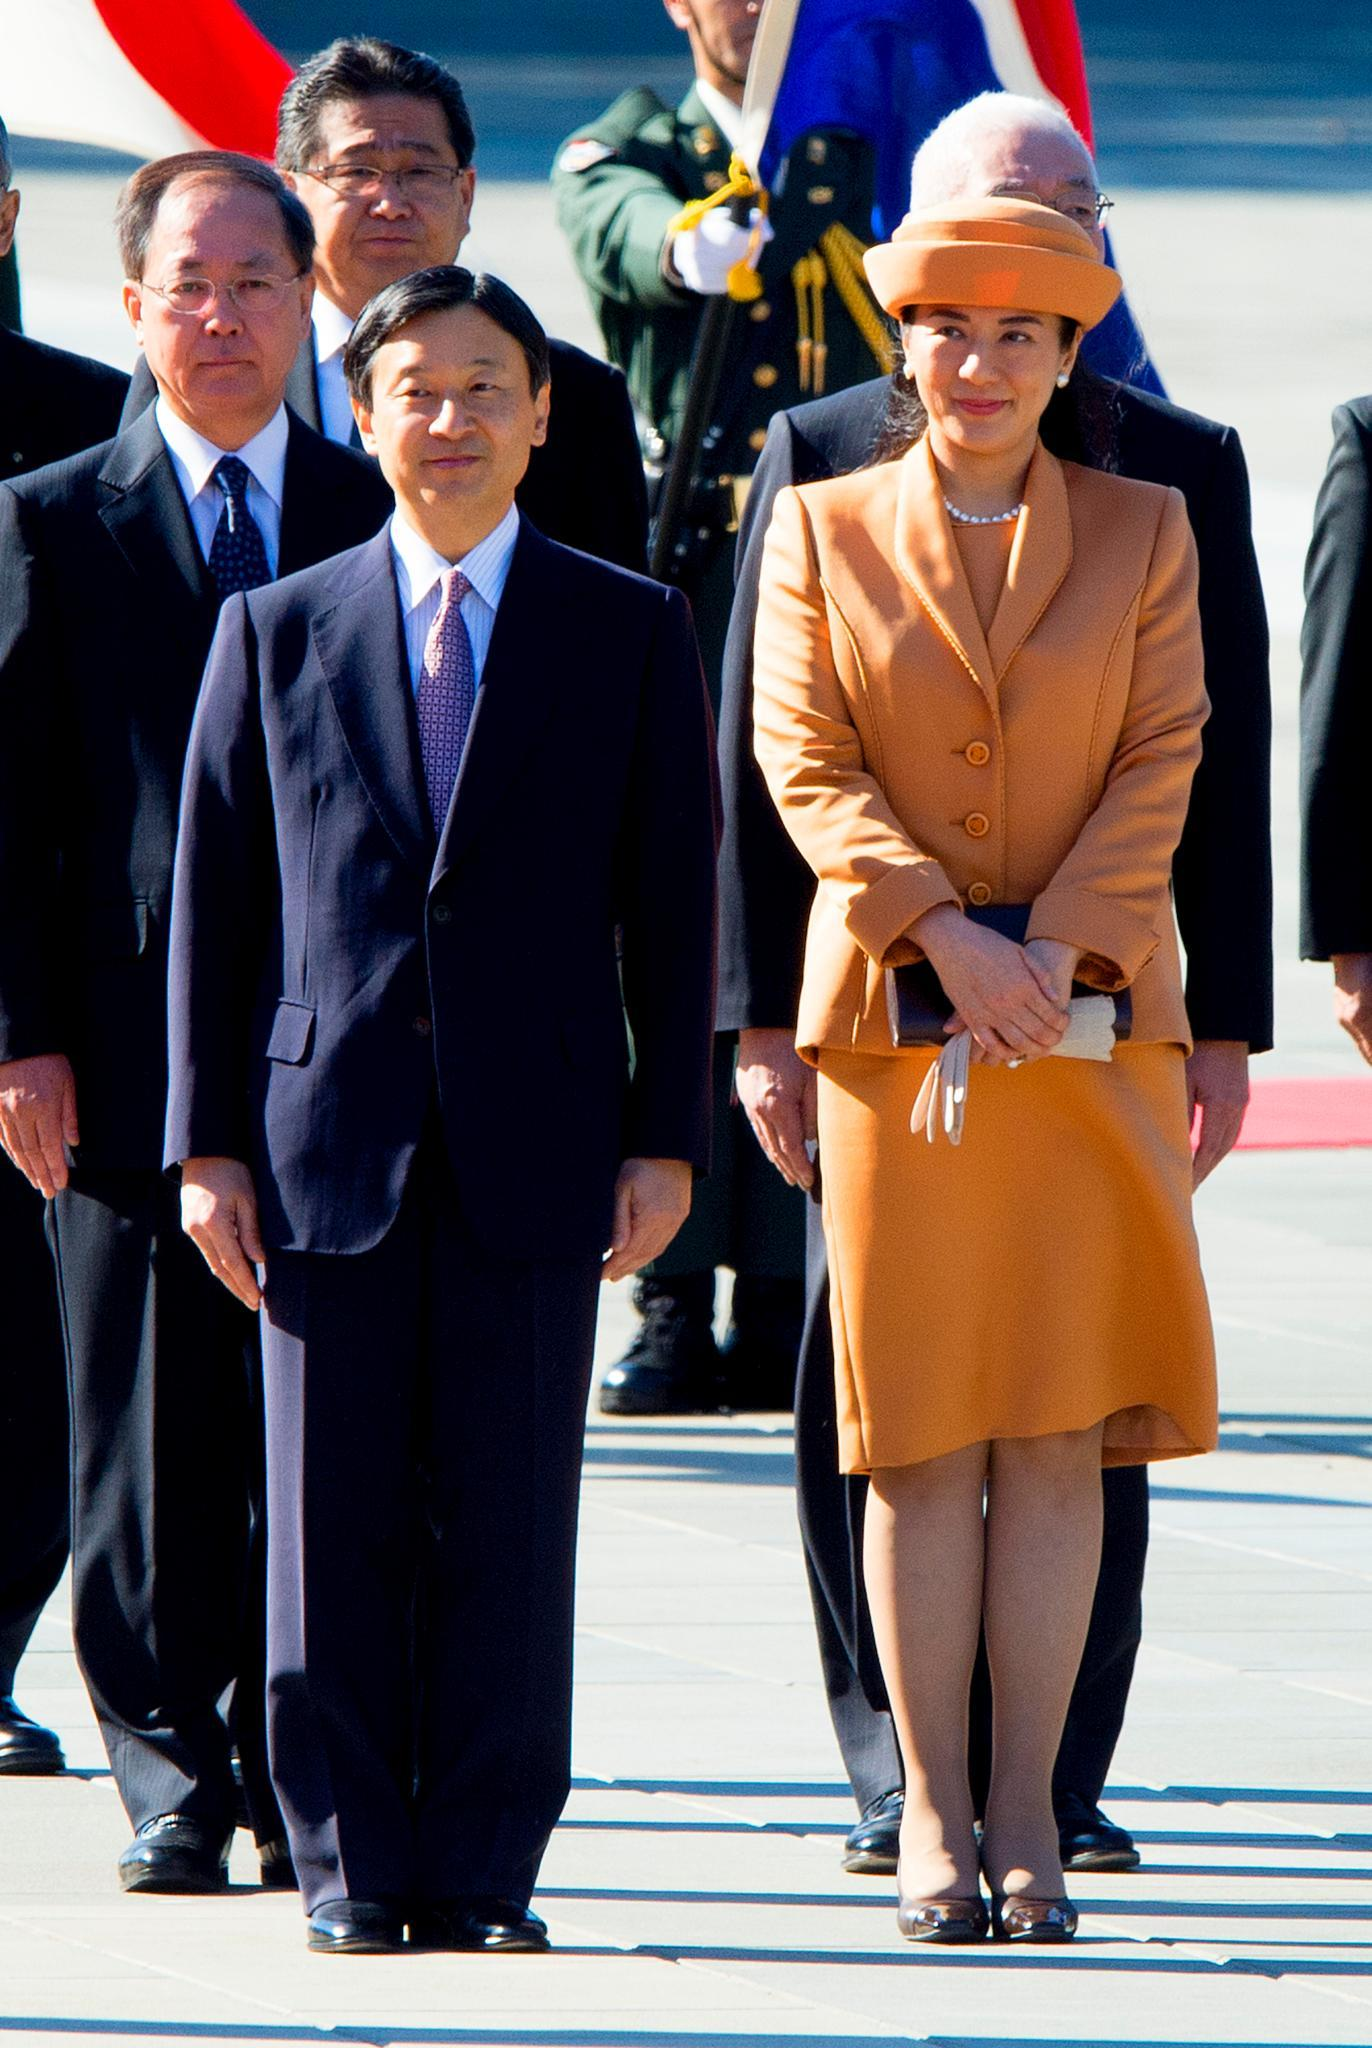 Prinz Naruhito und Prinzessin Masako bei einem ihrer seltenen gemeinsamen Auftritte